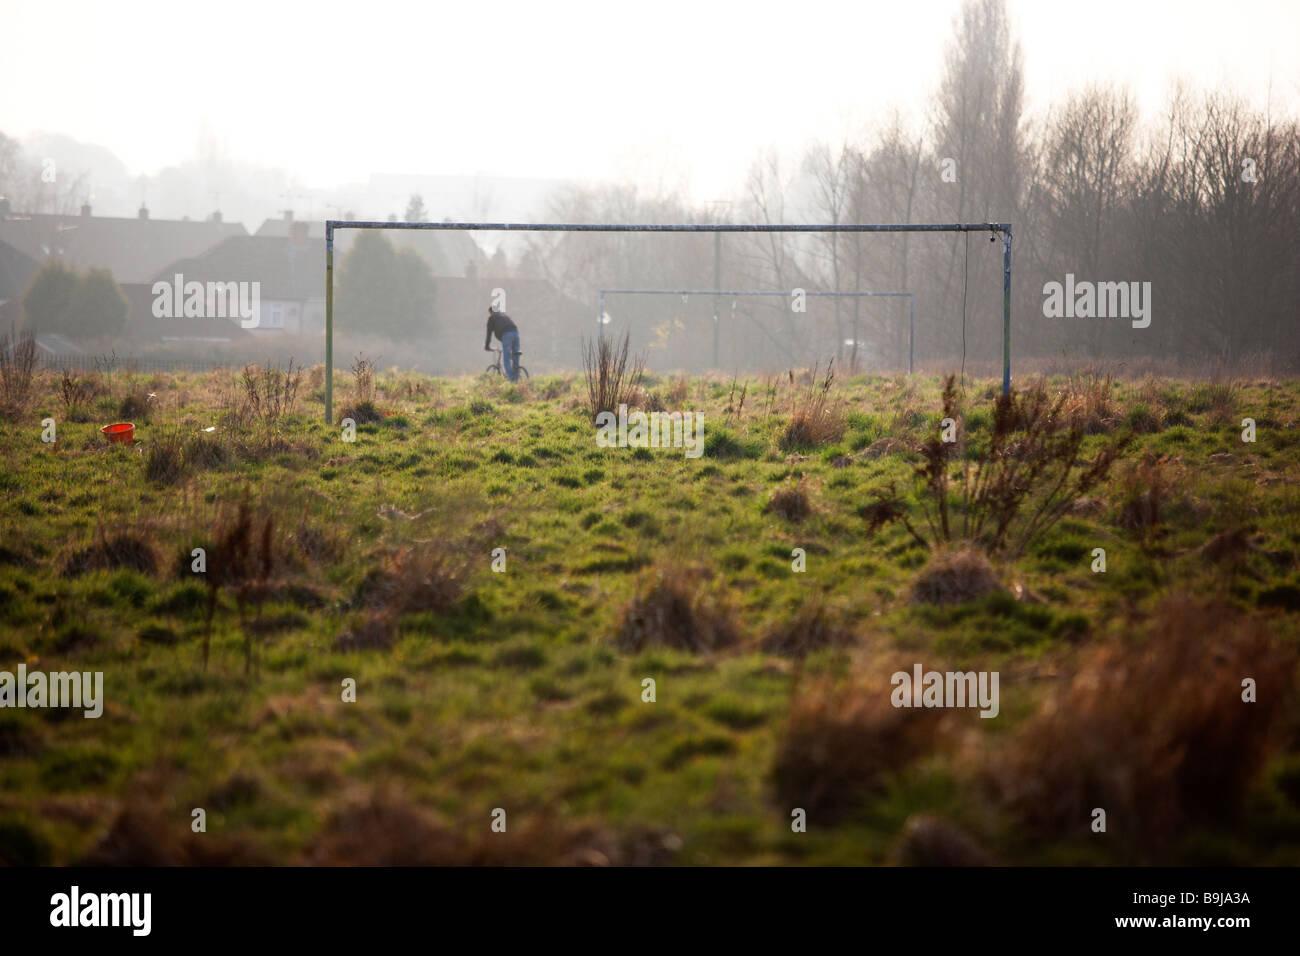 Un terrain de football, envahis par la végétation et abandonnés, à la périphérie de Coventry, Royaume-Uni Banque D'Images